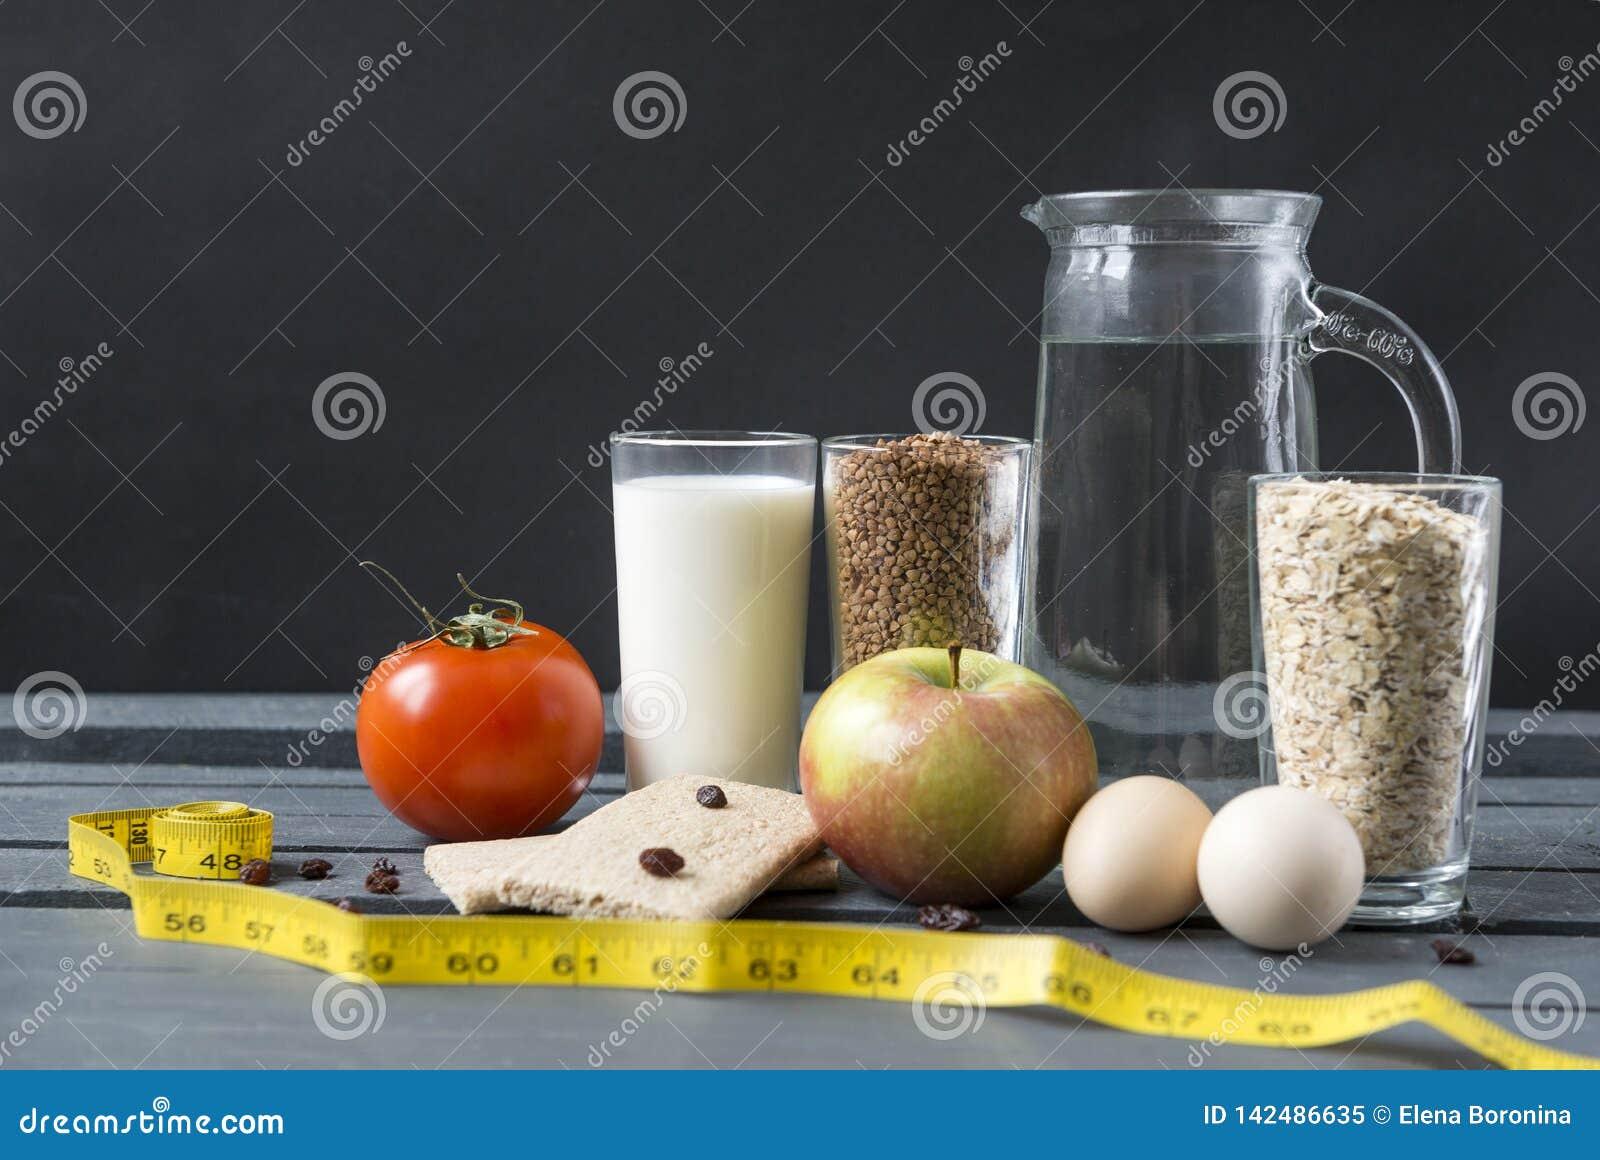 Стекла с молоком, гречихой, хлопьями овса, графинчиком воды, красным томатом, Яблоком, 2 яйцами, хлебом, изюминками, измеряя лент